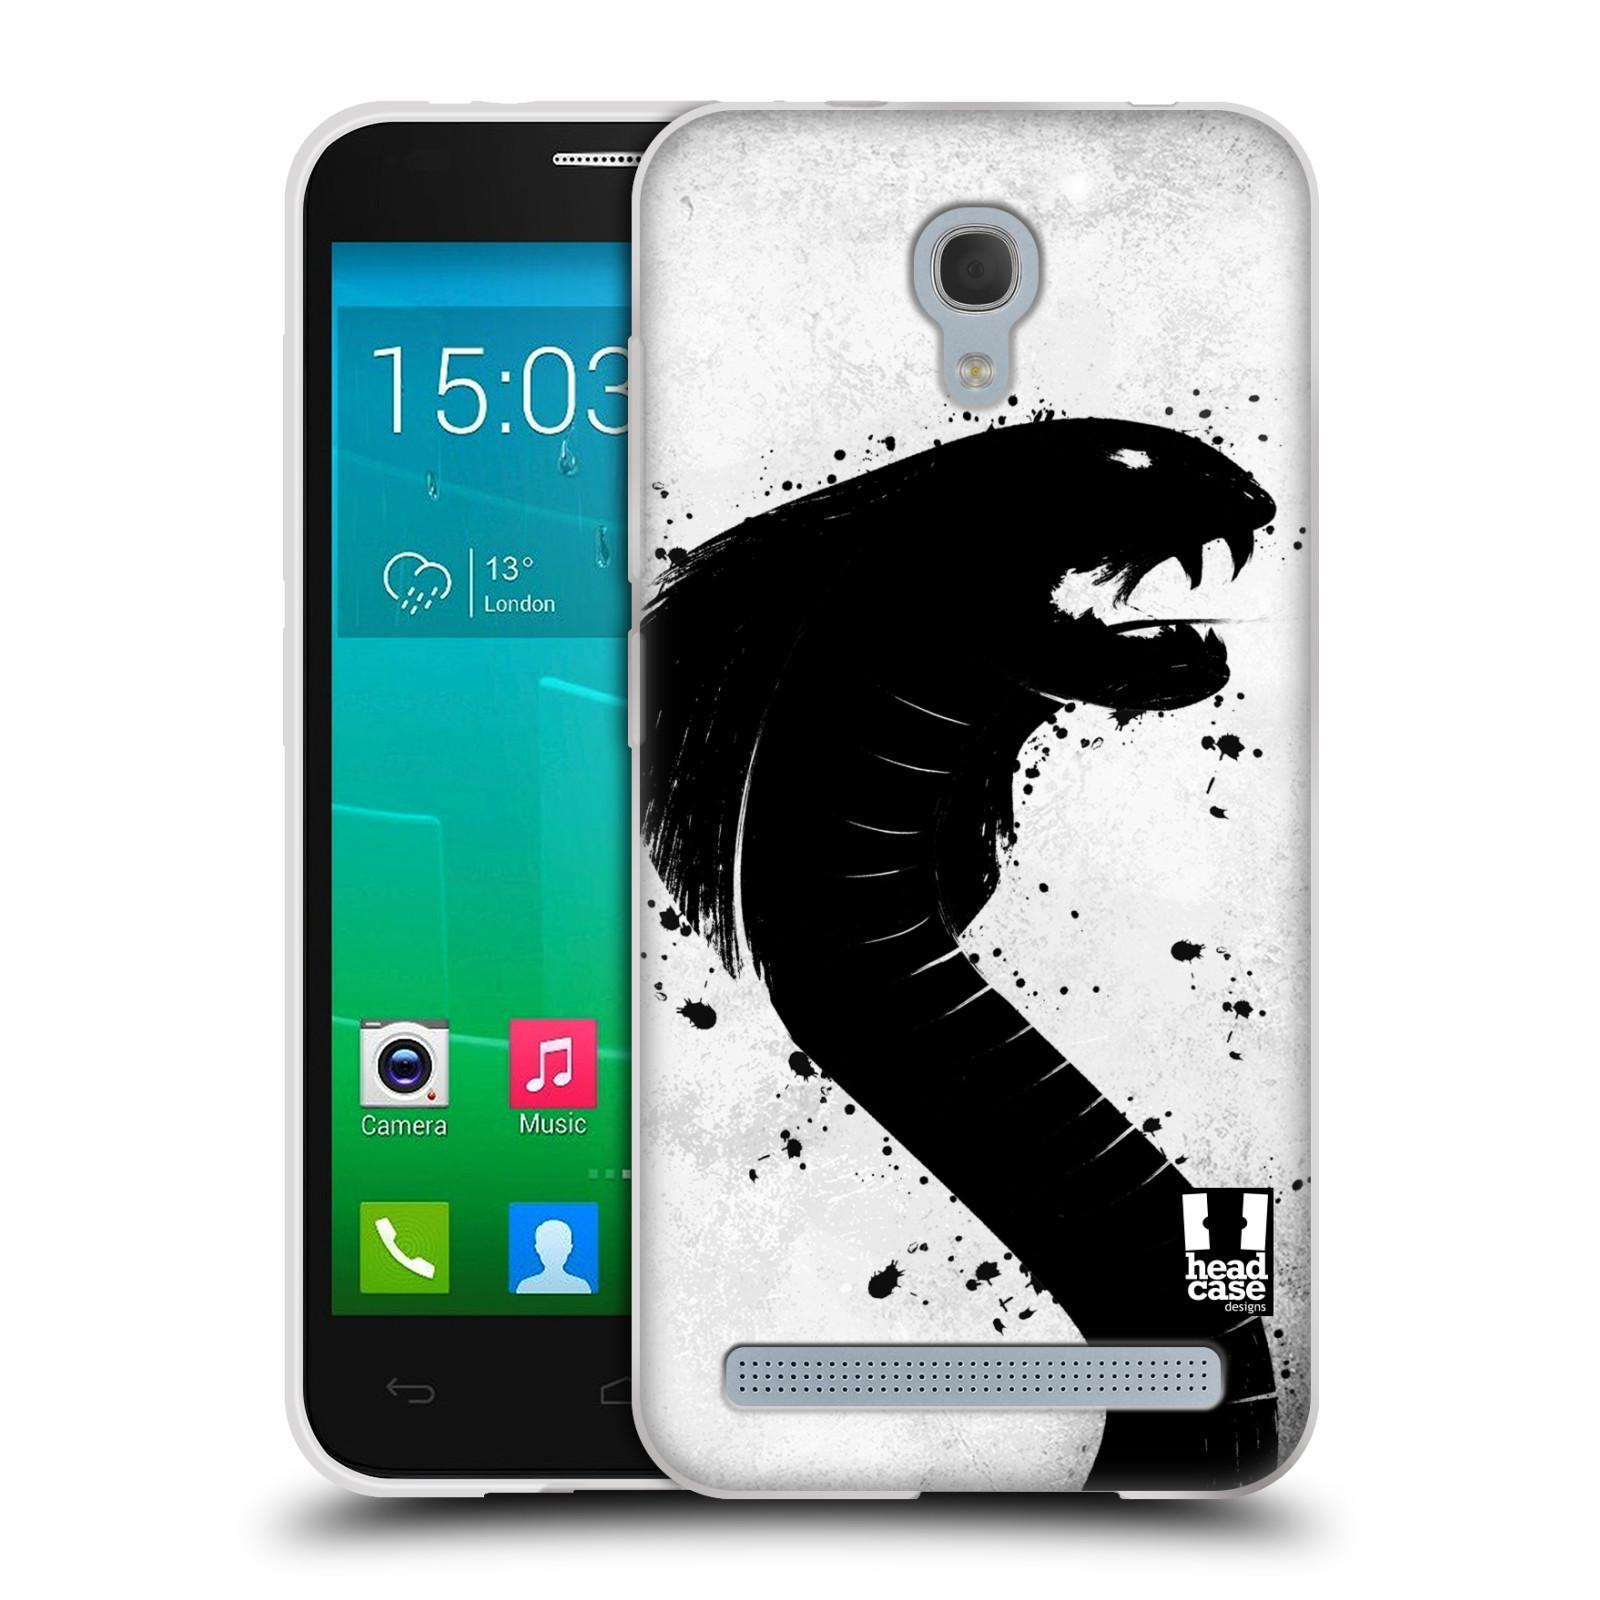 HEAD CASE silikonový obal na mobil Alcatel Idol 2 MINI S 6036Y vzor Kresba tuš zvíře had kobra